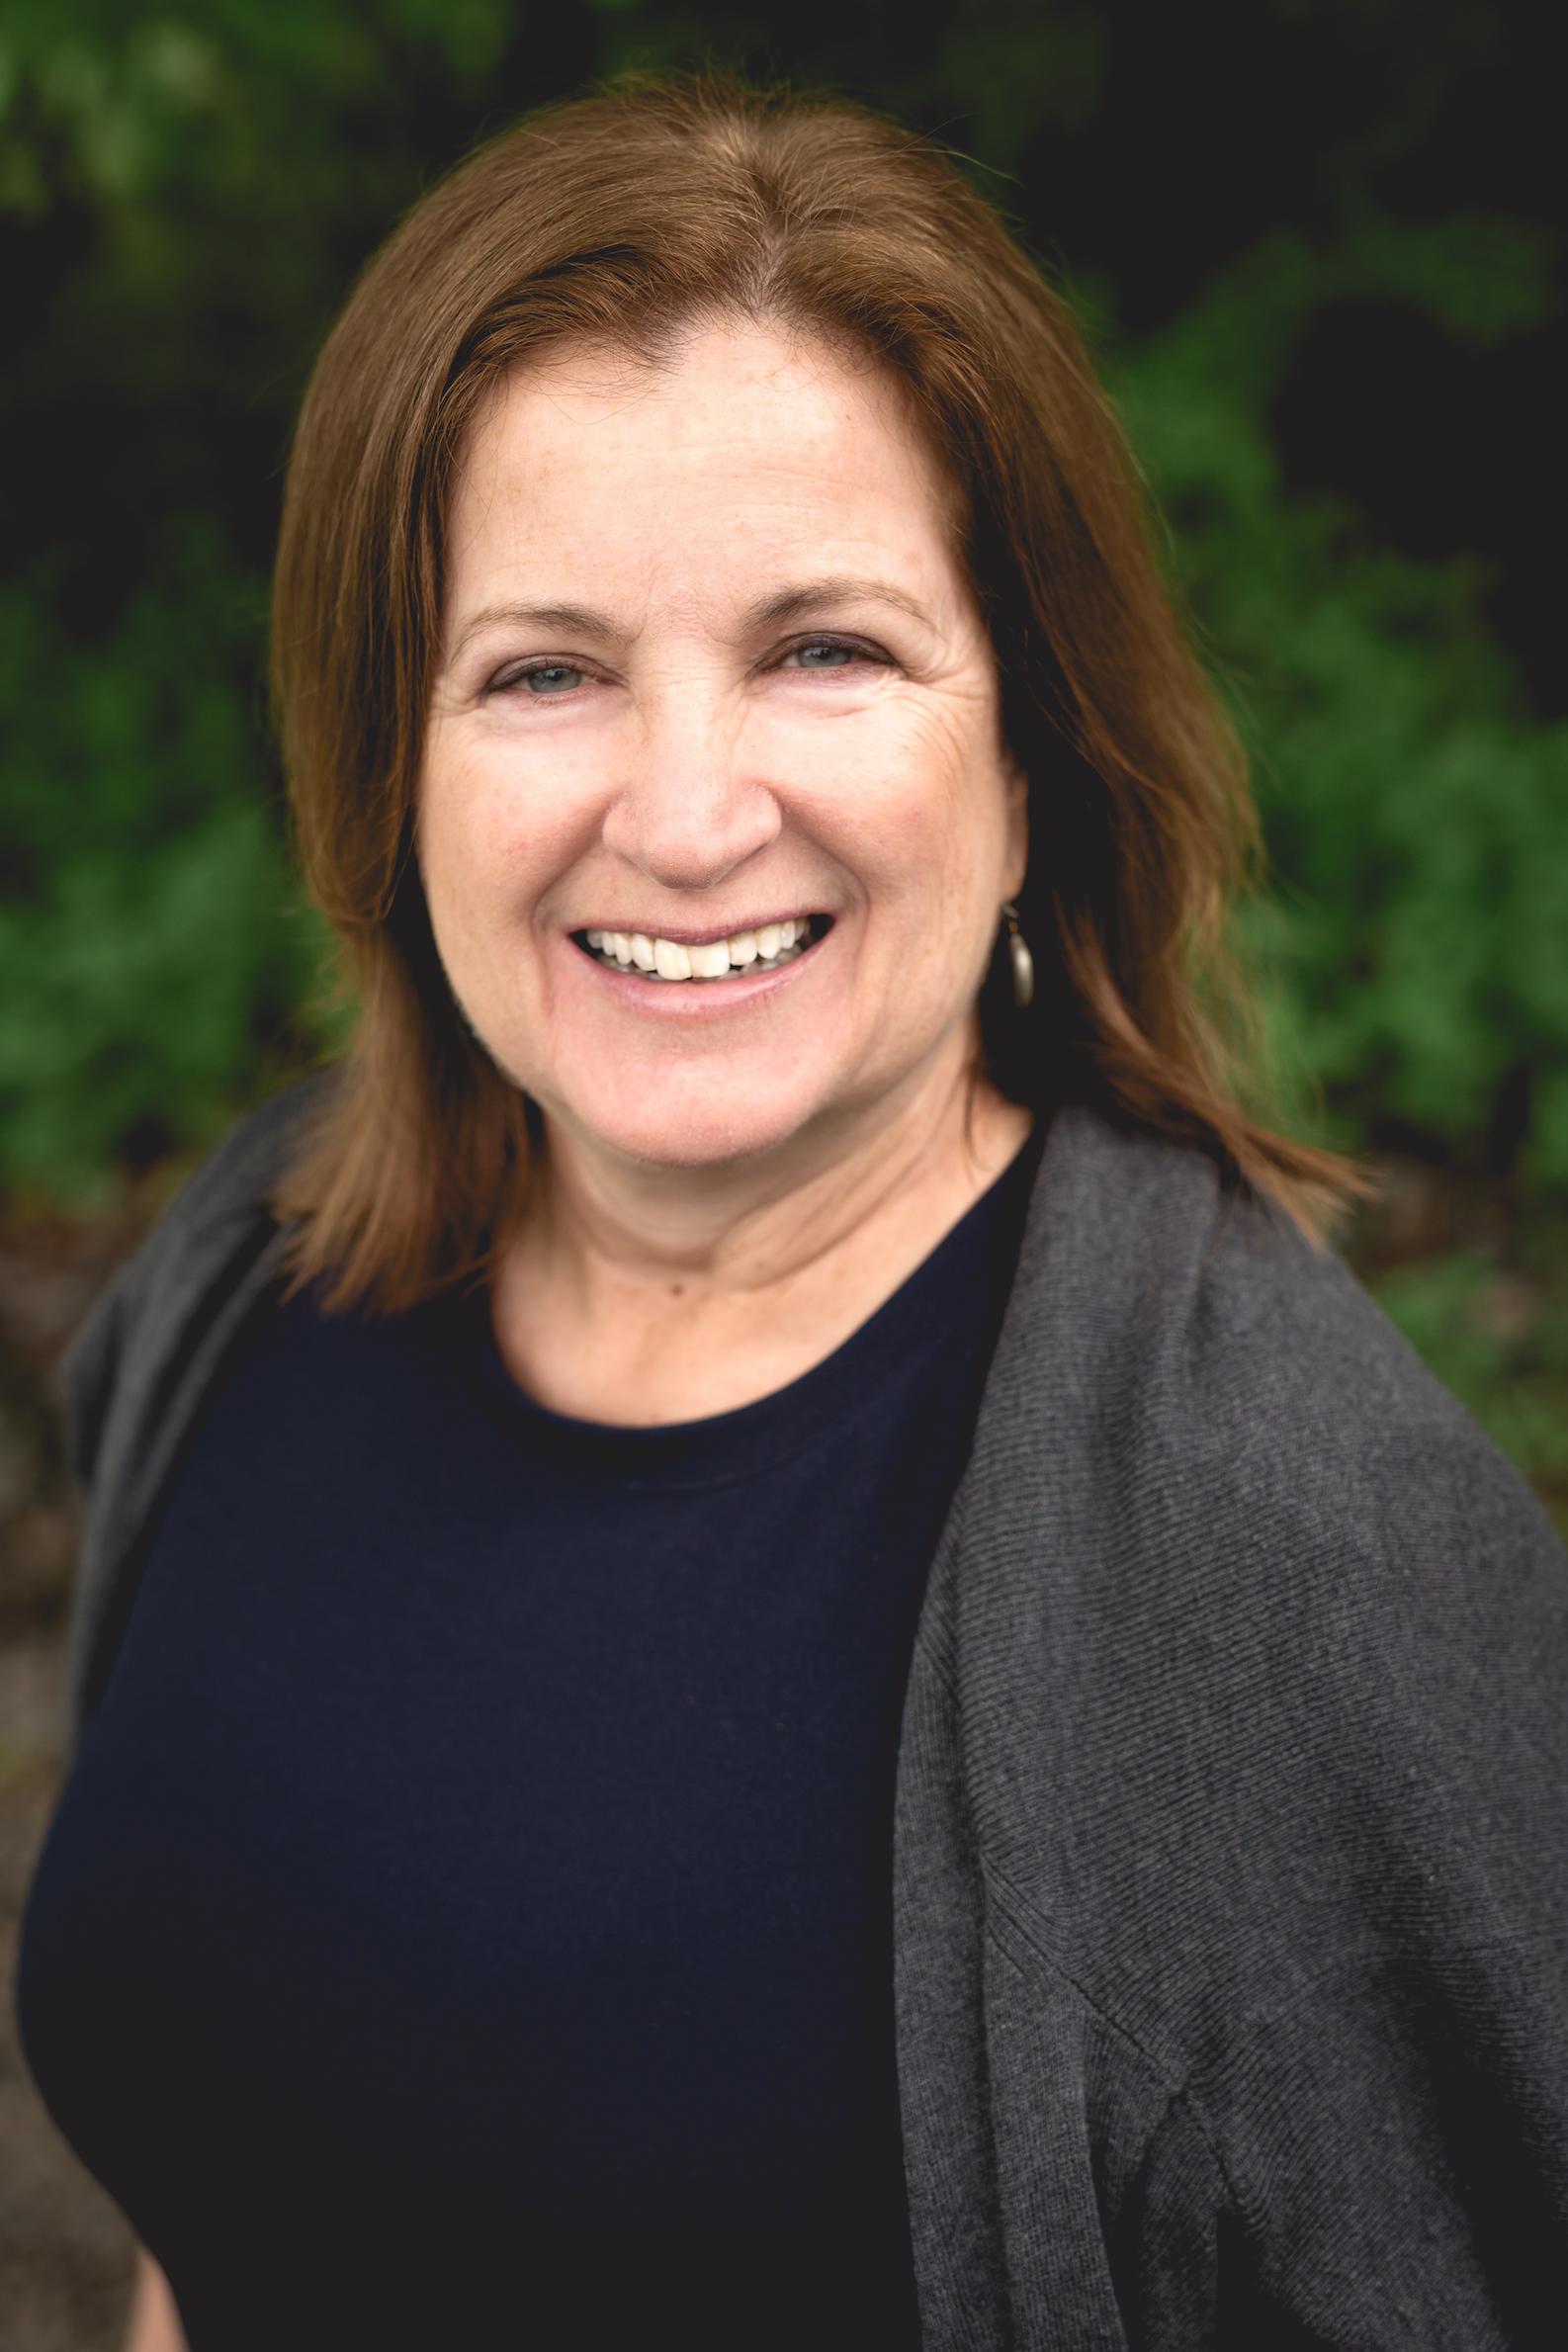 Janine Walker Caffrey